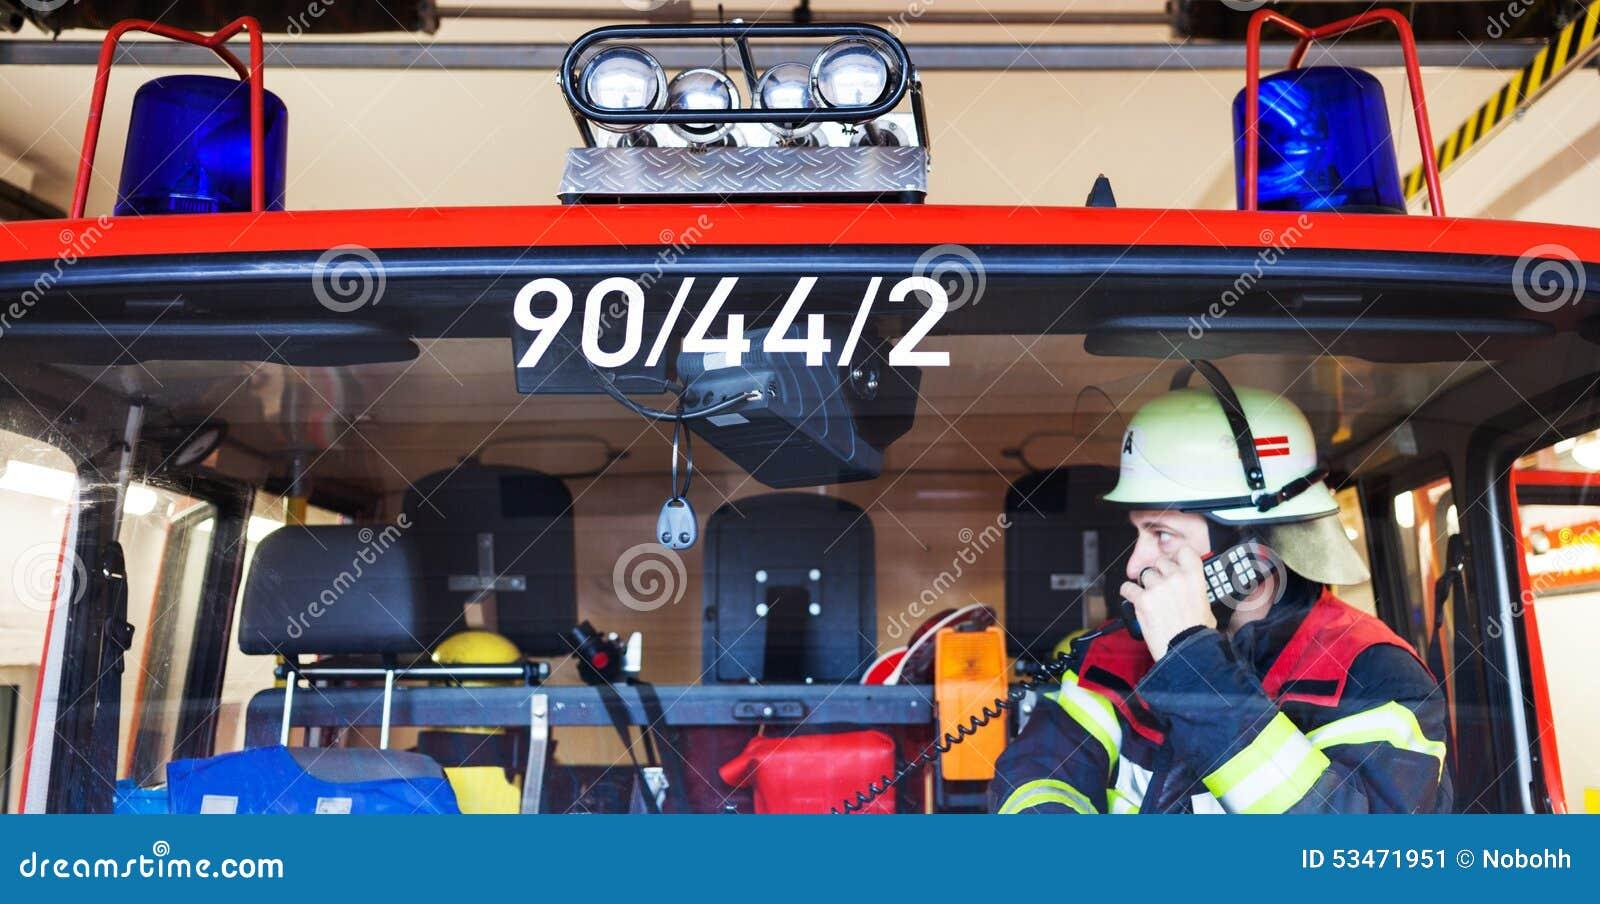 Feuerwehrmann in einem Löschfahrzeug und Funken mit Radiosatz